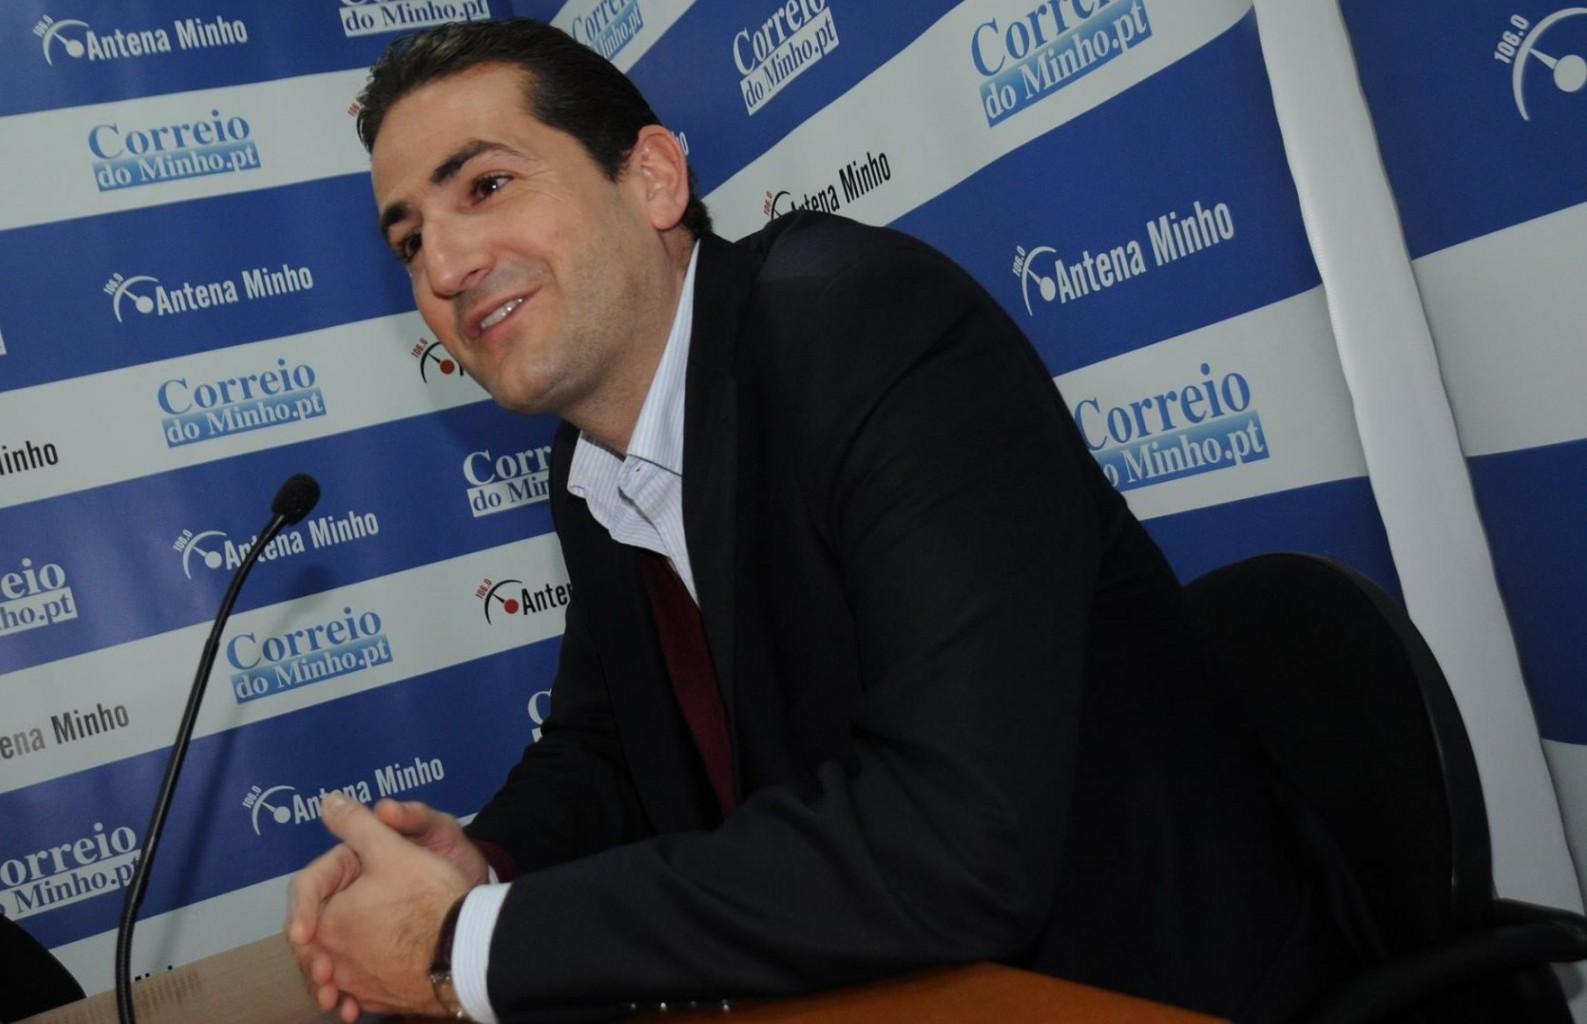 PSD/Braga quer Hugo Soares na lista de candidatos a deputados